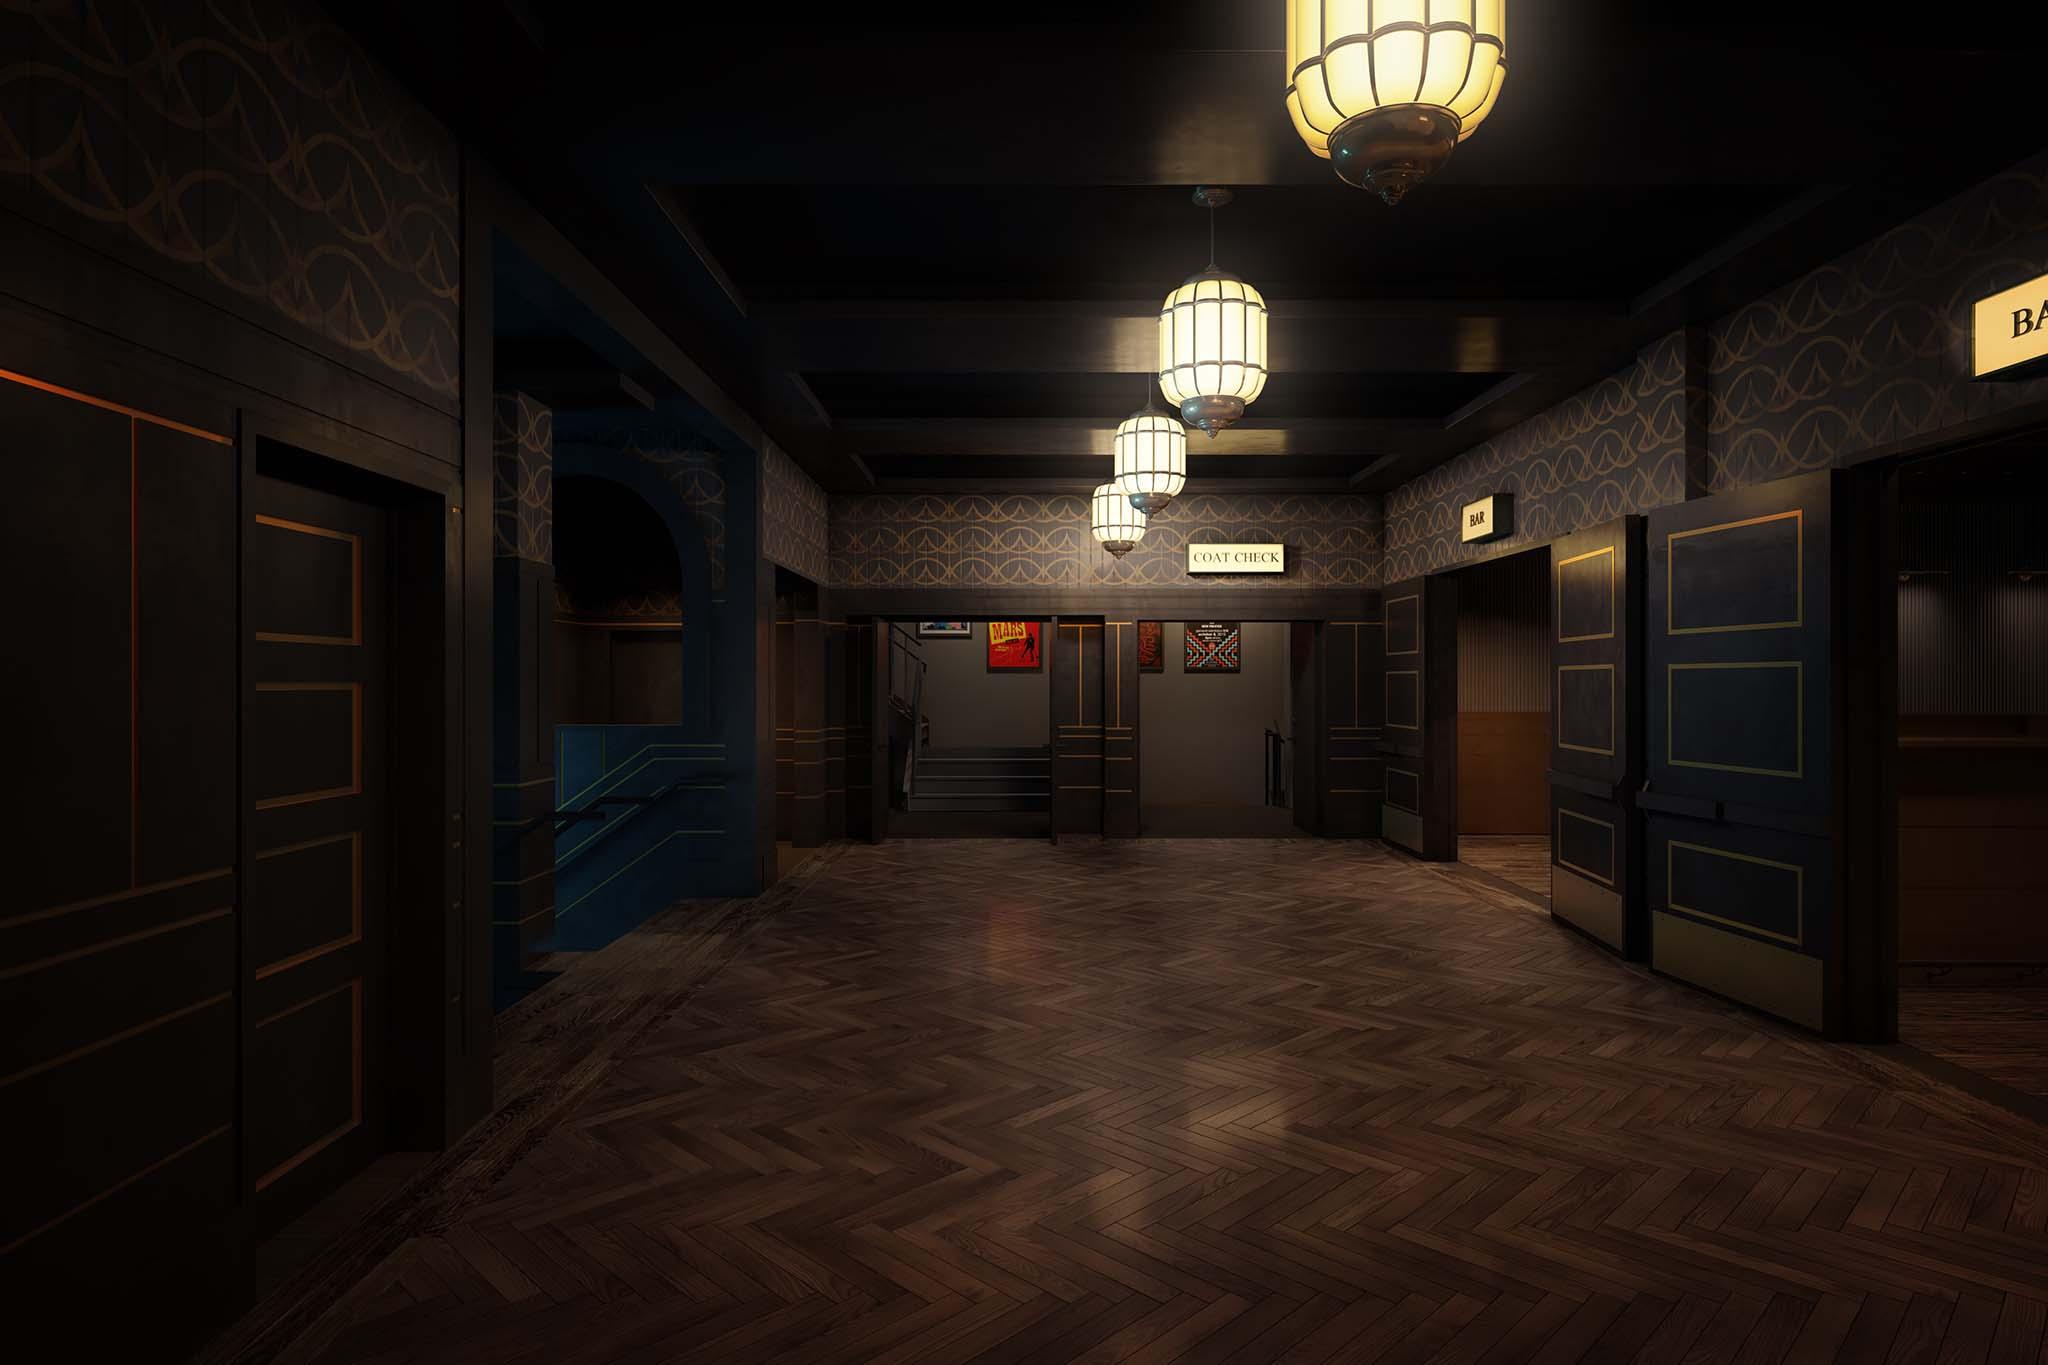 webster hall rendering